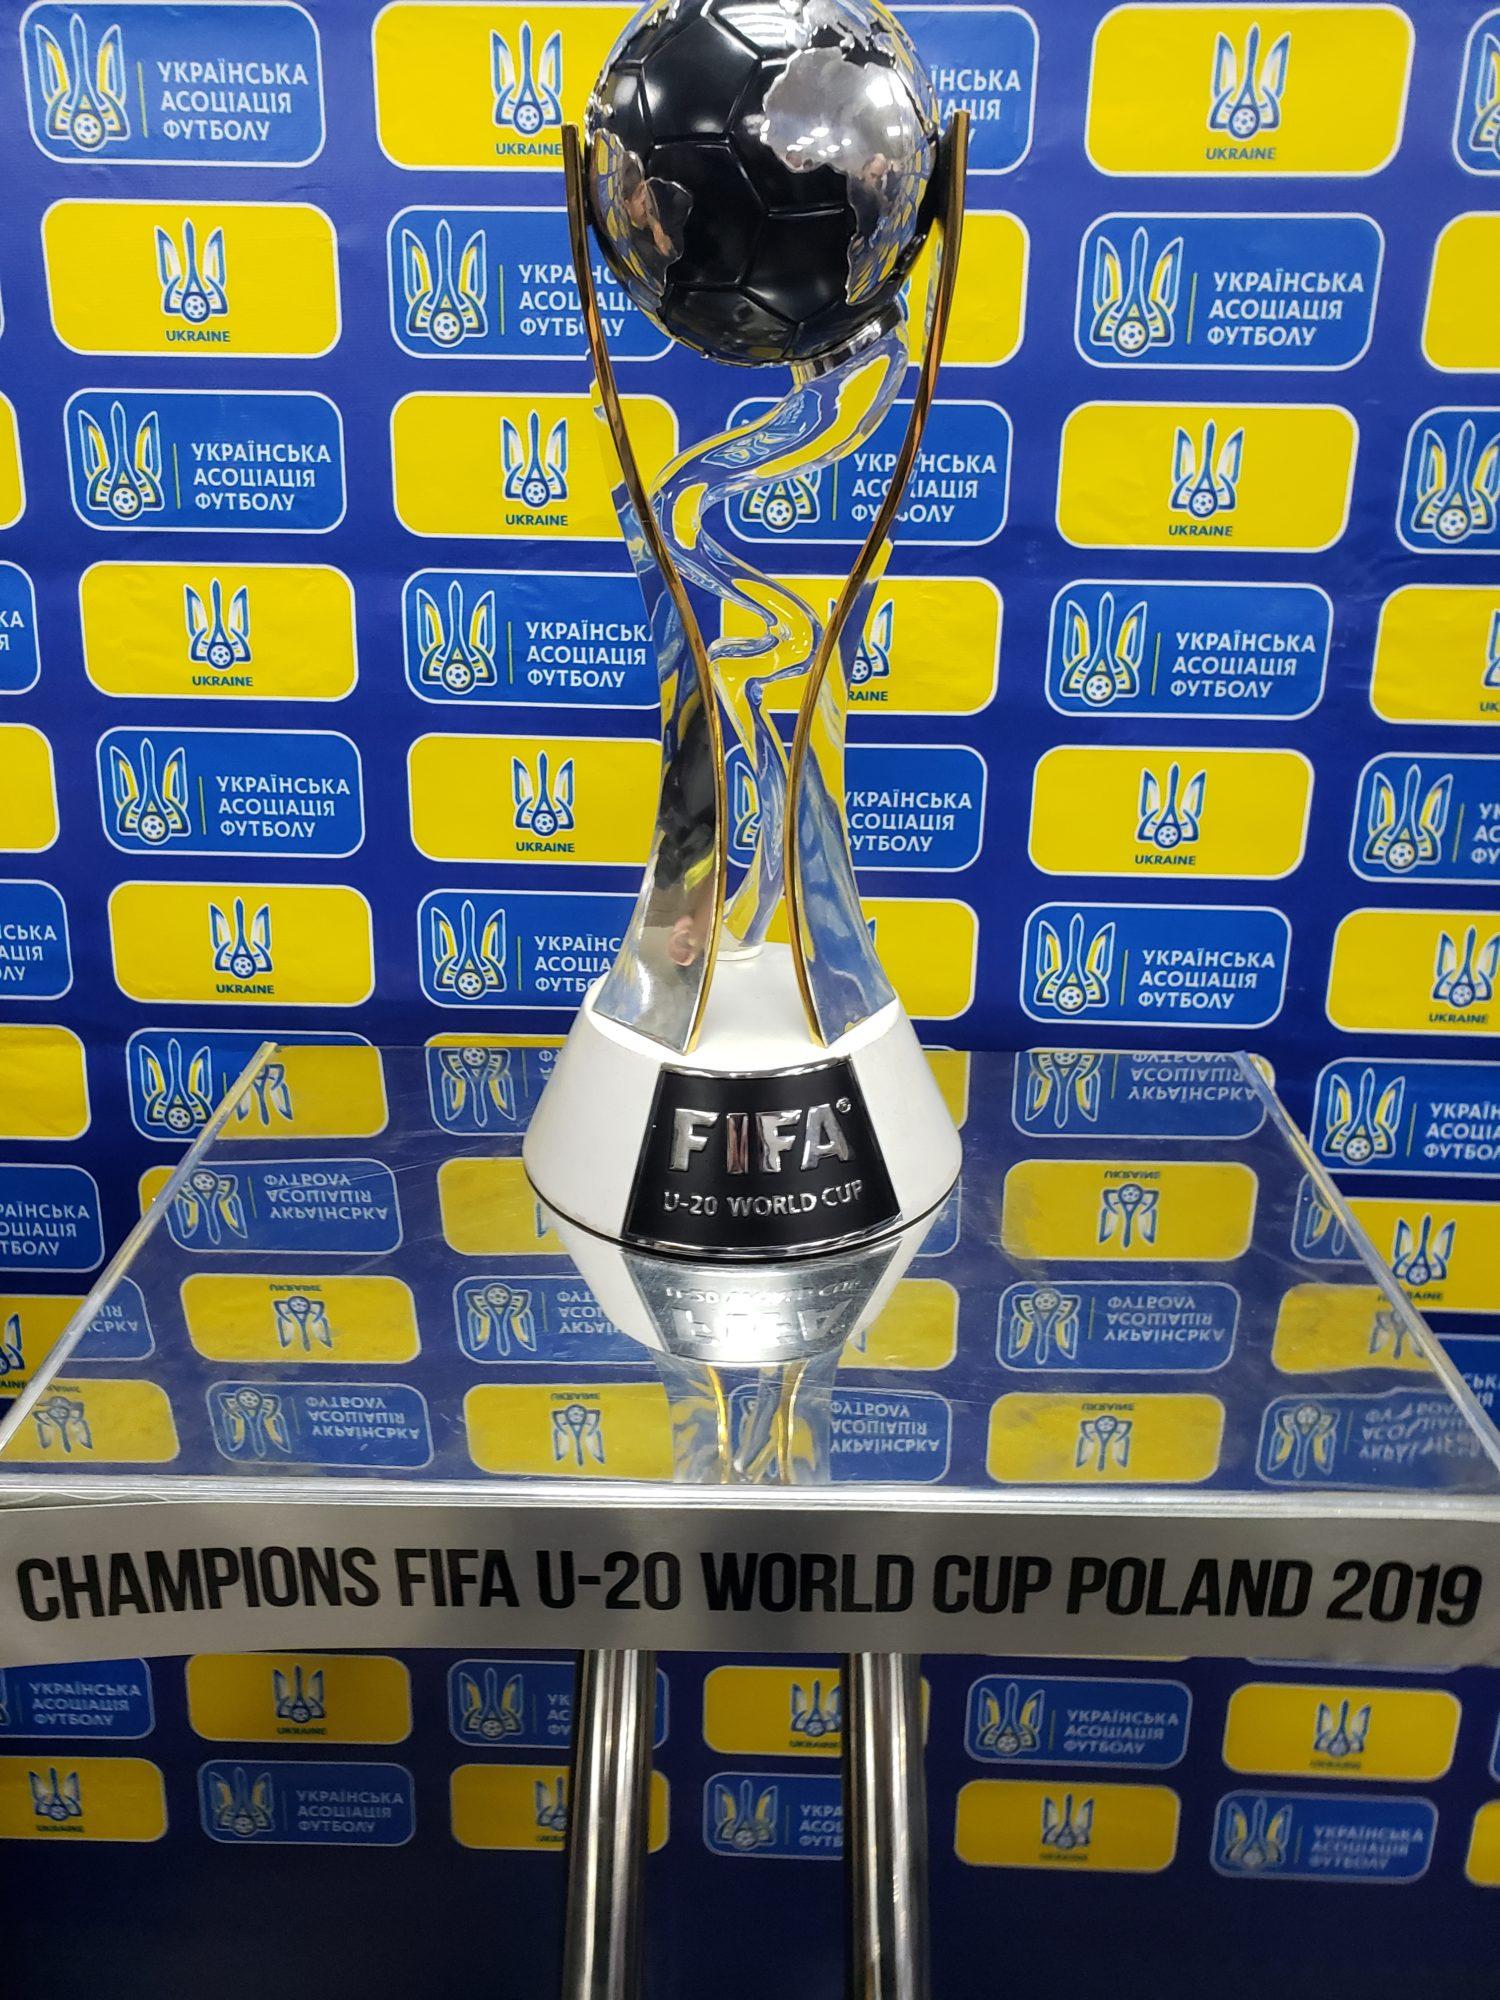 20200117_181313-1500x2000 Київська обласна федерація футболу відкрила новий офіс